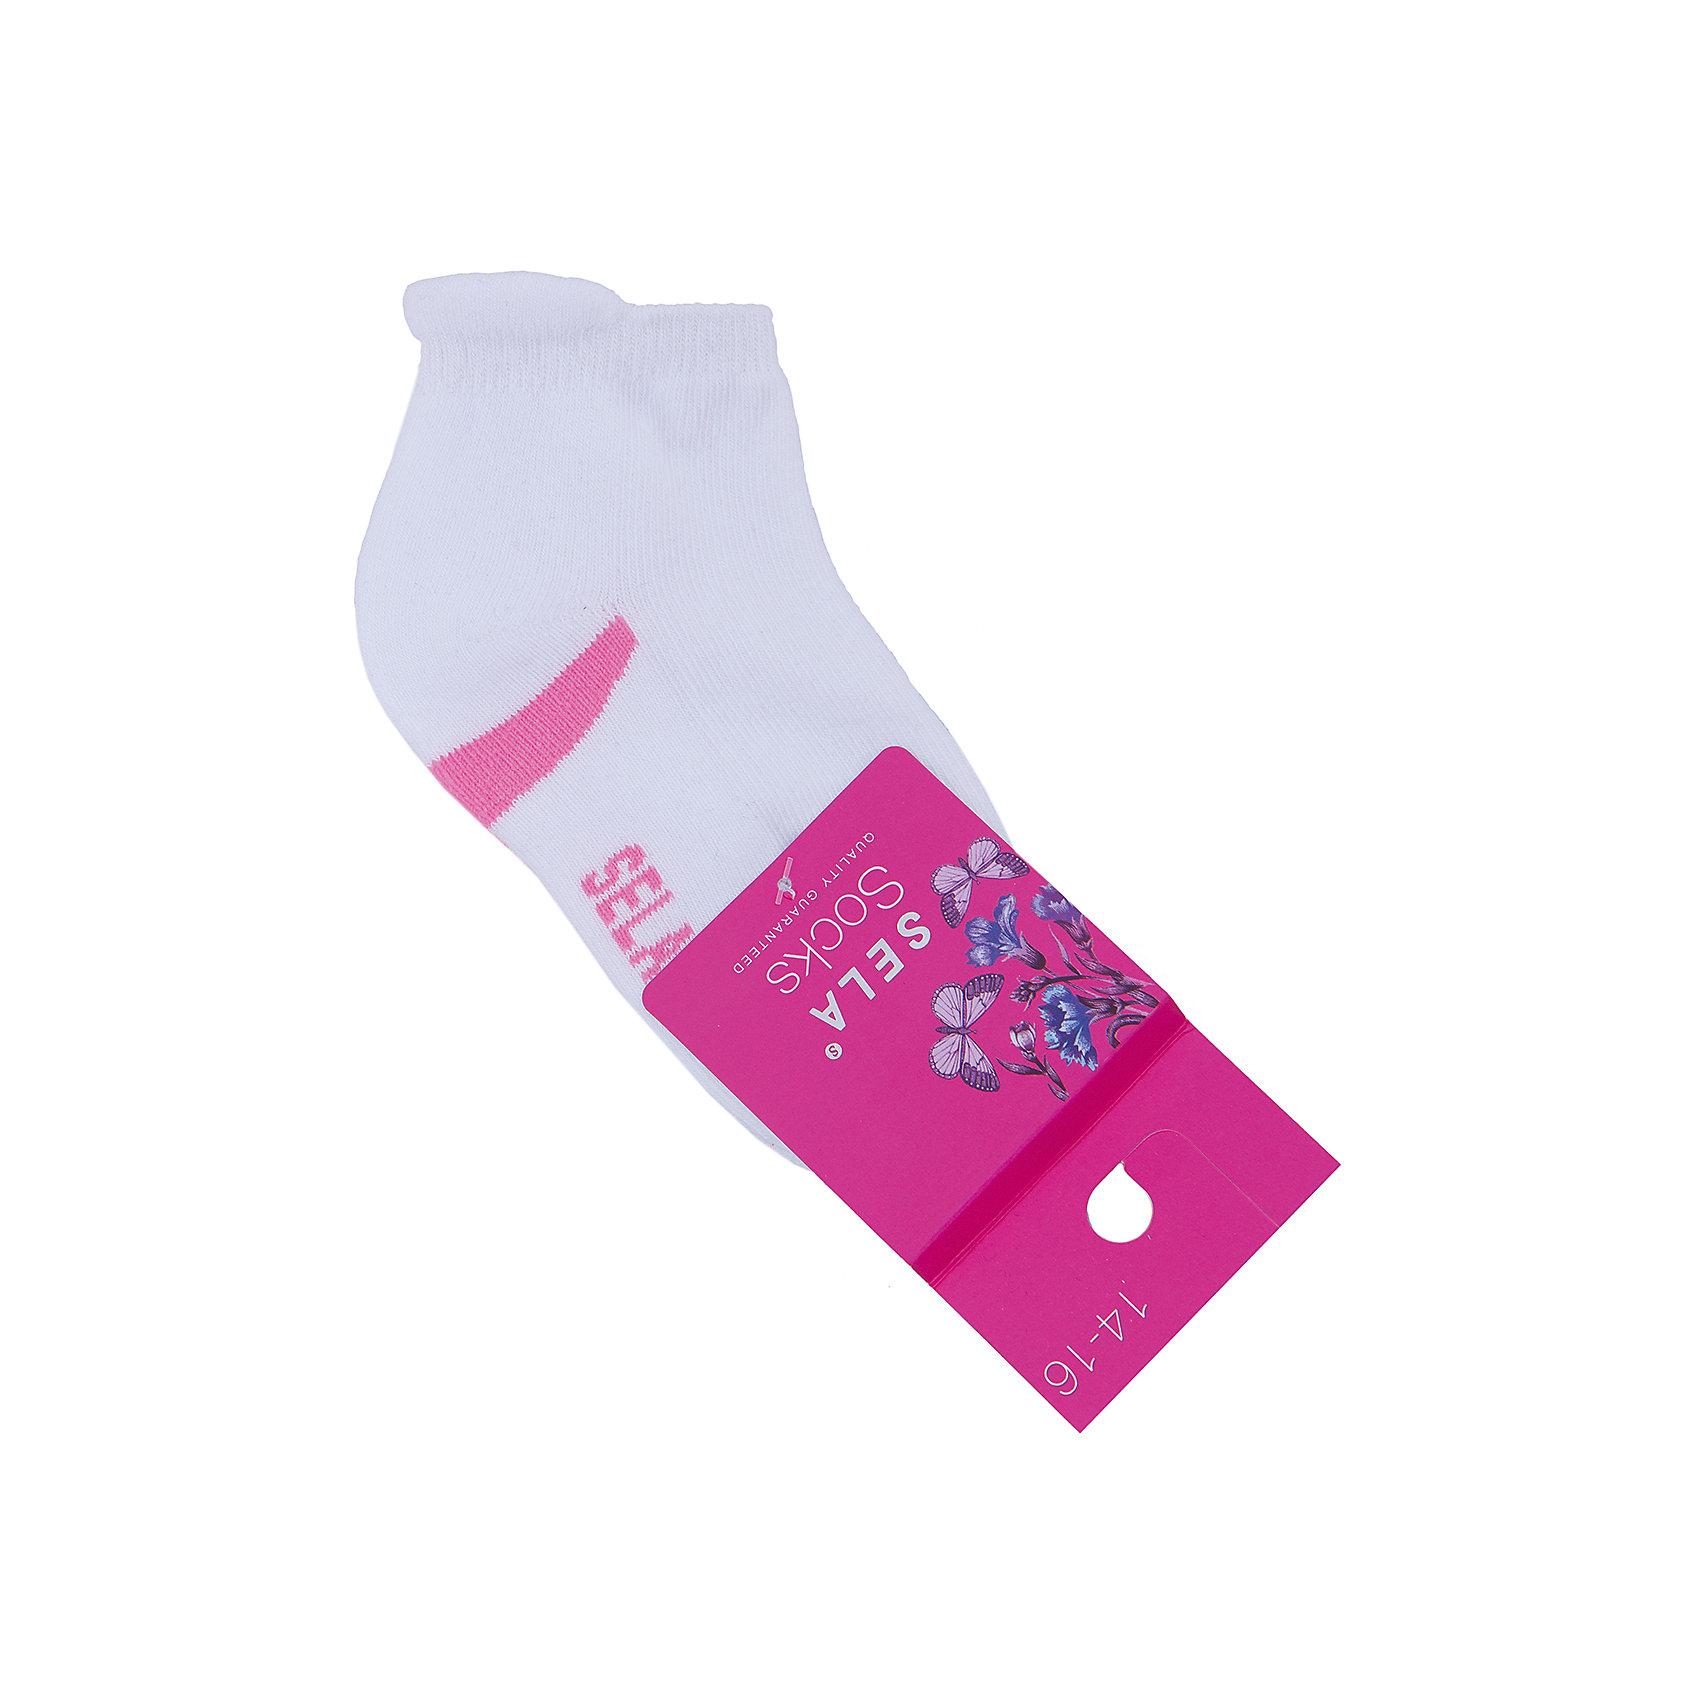 Носки для девочки SELAНоски<br>Удобные носки - неотъемлемая составляющая комфорта ребенка. Эта модель отлично сидит на девочке, она сшита из приятного на ощупь материала, мягкая и дышащая. Натуральный хлопок в составе ткани не вызывает аллергии и обеспечивает ребенку комфорт. Мягкая резинка не сдавливает ногу.<br>Одежда от бренда Sela (Села) - это качество по приемлемым ценам. Многие российские родители уже оценили преимущества продукции этой компании и всё чаще приобретают одежду и аксессуары Sela.<br><br>Дополнительная информация:<br><br>цвет: белый;<br>материал: 75% хлопок, 20% ПЭ, 5% эластан;<br>мягкая резинка;<br>трикотаж.<br><br>Носки для девочки от бренда Sela можно купить в нашем интернет-магазине.<br><br>Ширина мм: 87<br>Глубина мм: 10<br>Высота мм: 105<br>Вес г: 115<br>Цвет: белый<br>Возраст от месяцев: 48<br>Возраст до месяцев: 60<br>Пол: Женский<br>Возраст: Детский<br>Размер: 27/28,28-30,22-25,25-27<br>SKU: 4943953